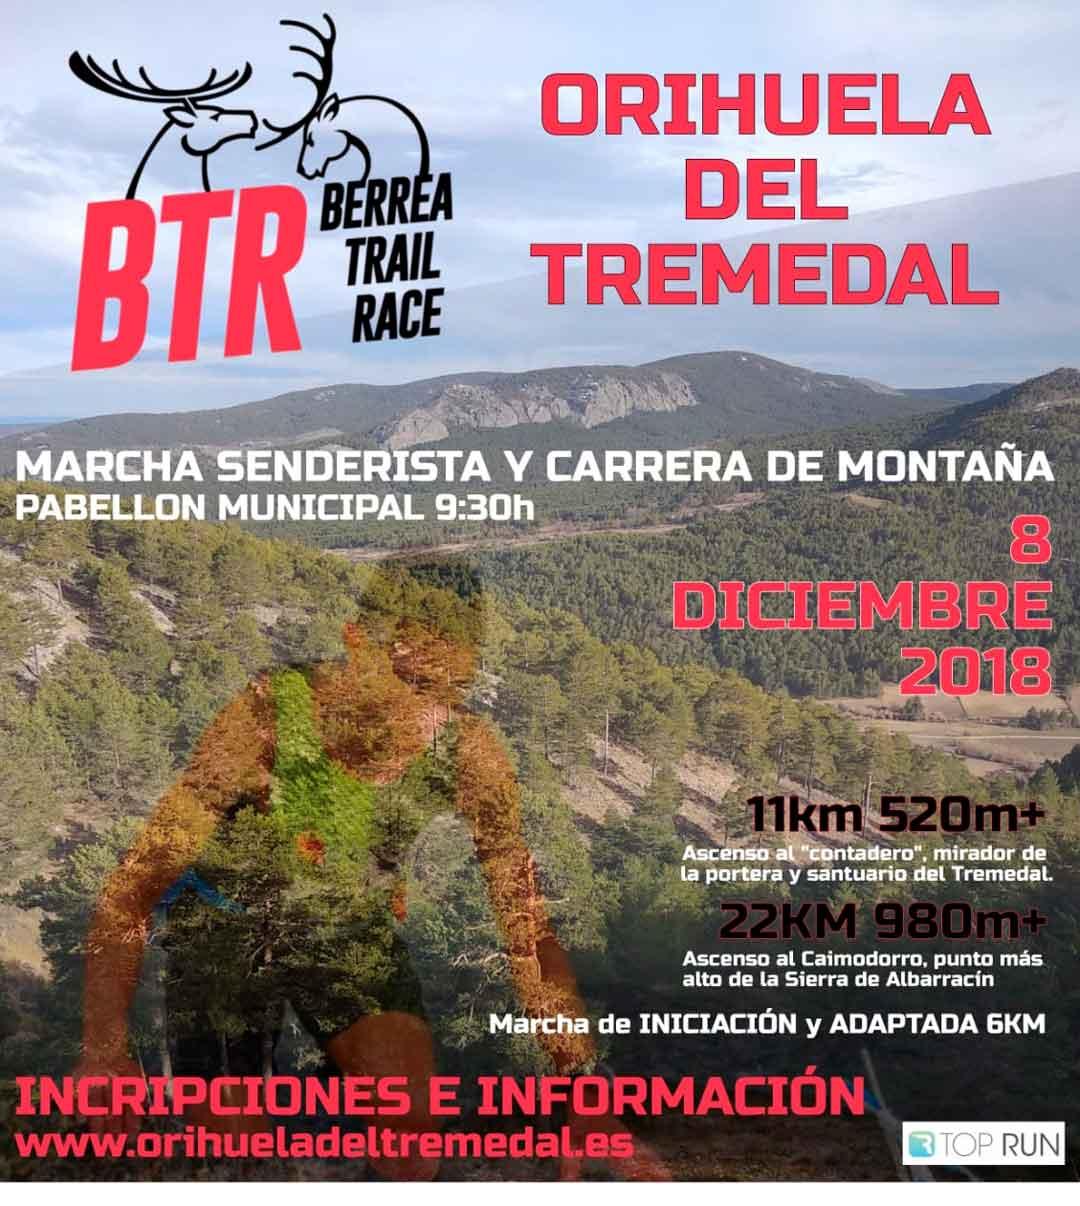 Inscripciones abiertas para la marcha senderista y carrera de montaña Berrea Trail Race